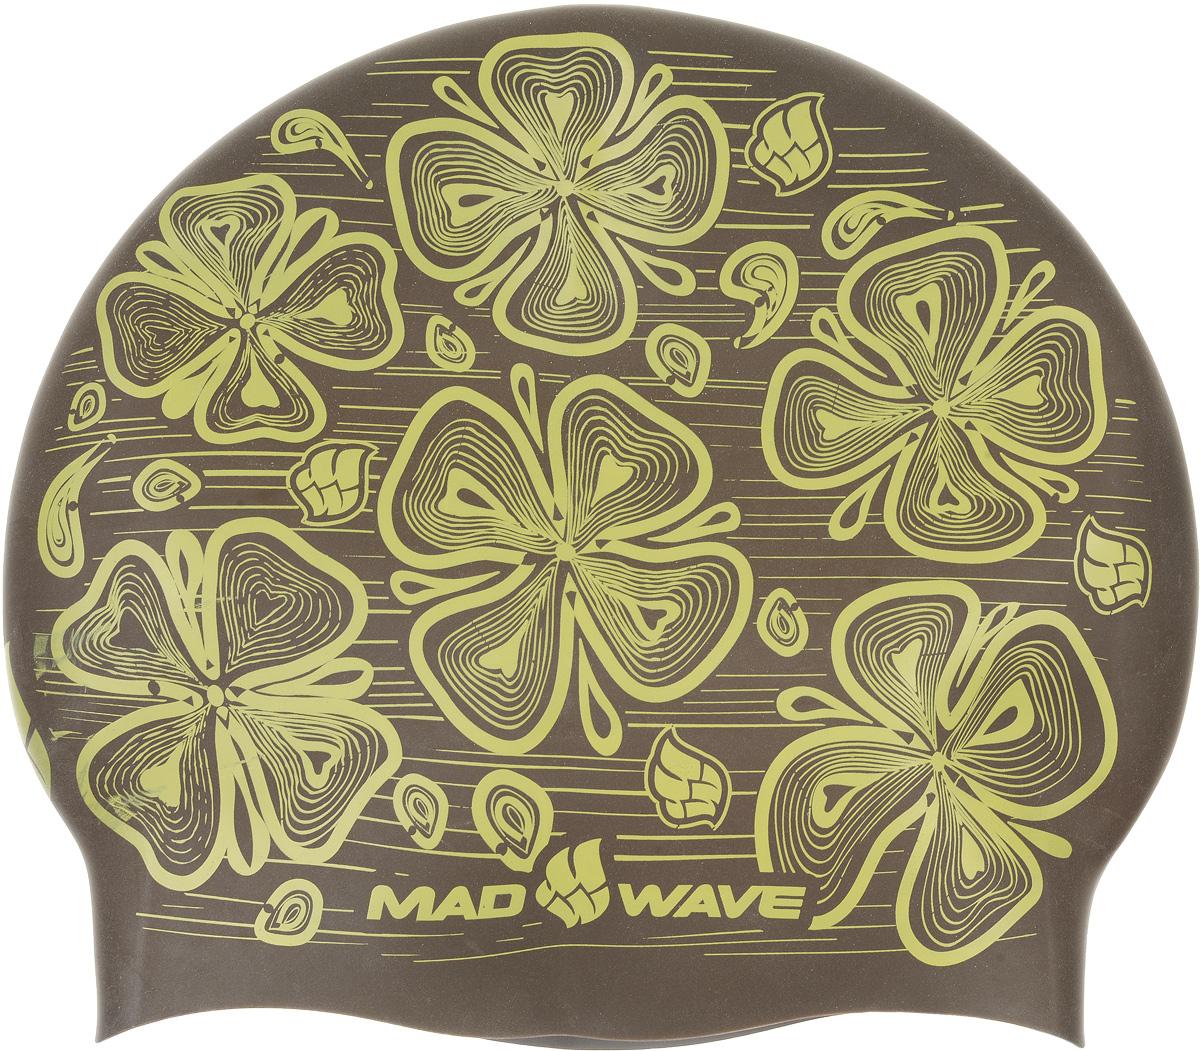 Шапочка для плавания MadWave Reverse Flora, силиконовая, двусторонняя, цвет: серый, коричневыйM0552 08 0 17WMadWave Reverse Flora - 3D двусторонняя силиконовая шапочка. Мягкий прочный силикон обеспечивает идеальную подгонку и комфорт. Материал шапочки не вызывает раздражения, что гарантирует безопасность использования шапочки. Силикон не пропускает воду и приятен на ощупь. Характеристики: Материал: силикон. Размер шапочки: 22 см x 19 см. Производитель: Китай.Артикул: M0552 08 0 17W.